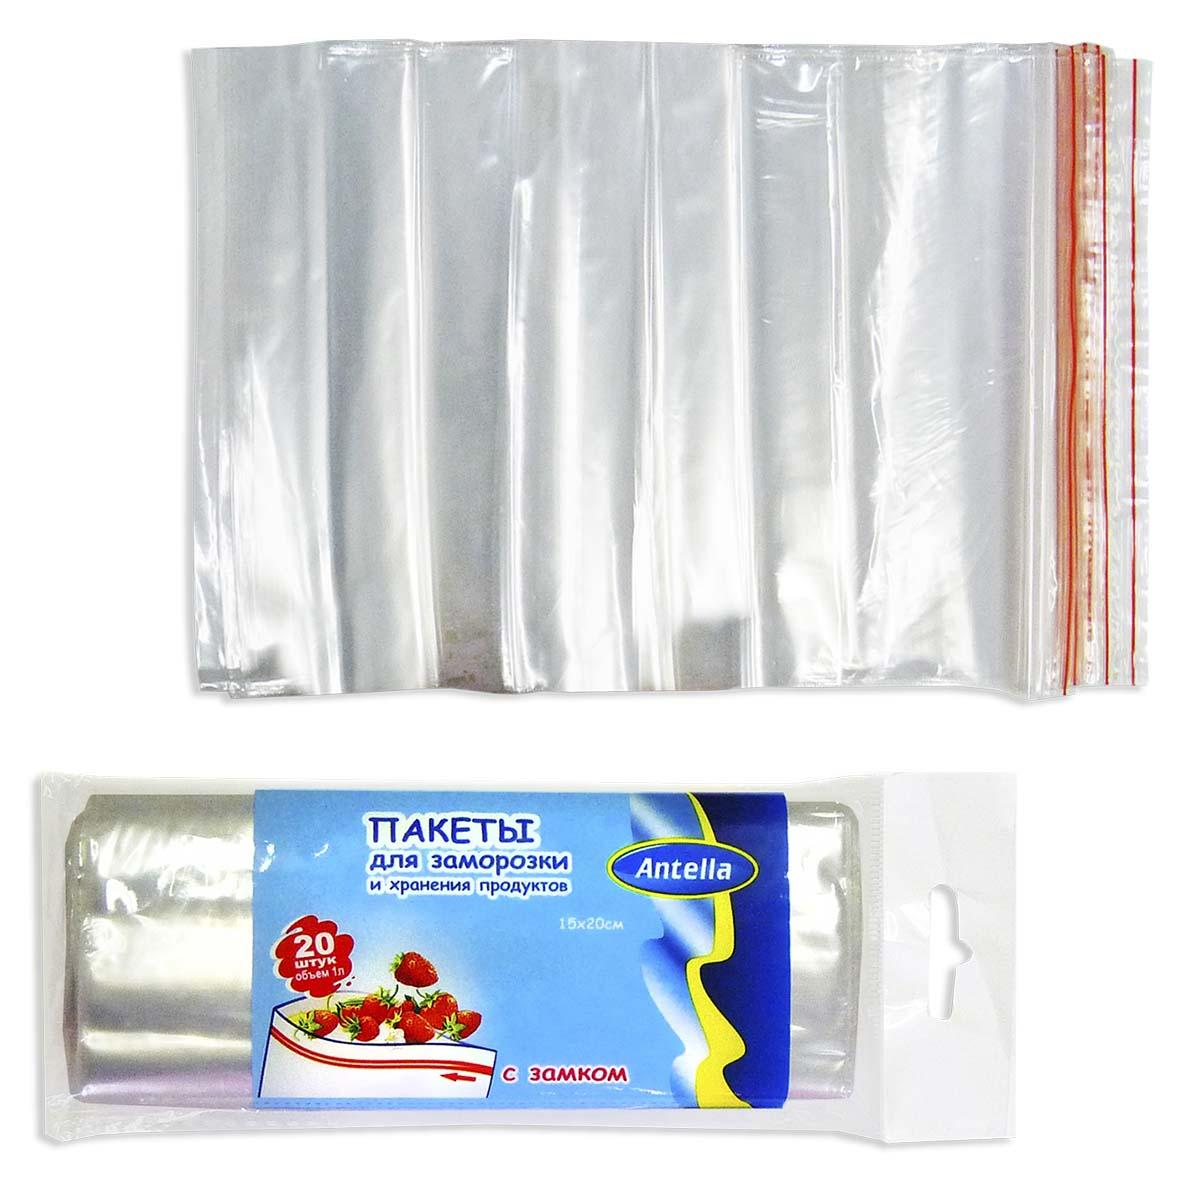 Пакеты для заморозки Antella предназначены для замораживания и хранения продуктов питания.  Пакеты имеют надежный замок, благодаря которому упакованные продукты защищены от попадания посторонних запахов. Просты и удобны в применении.